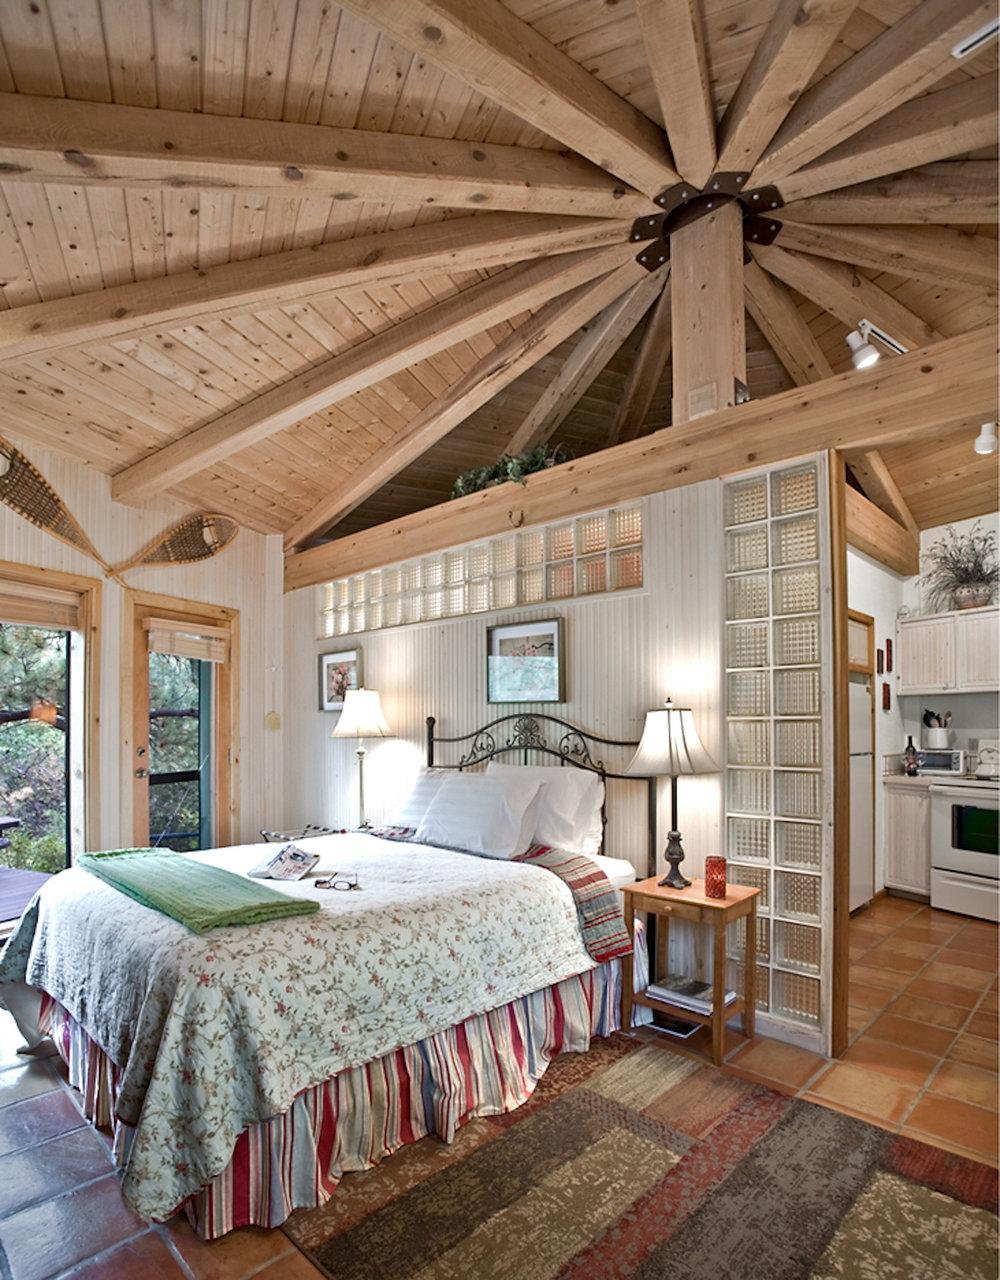 35-Cabin Interior.JPG